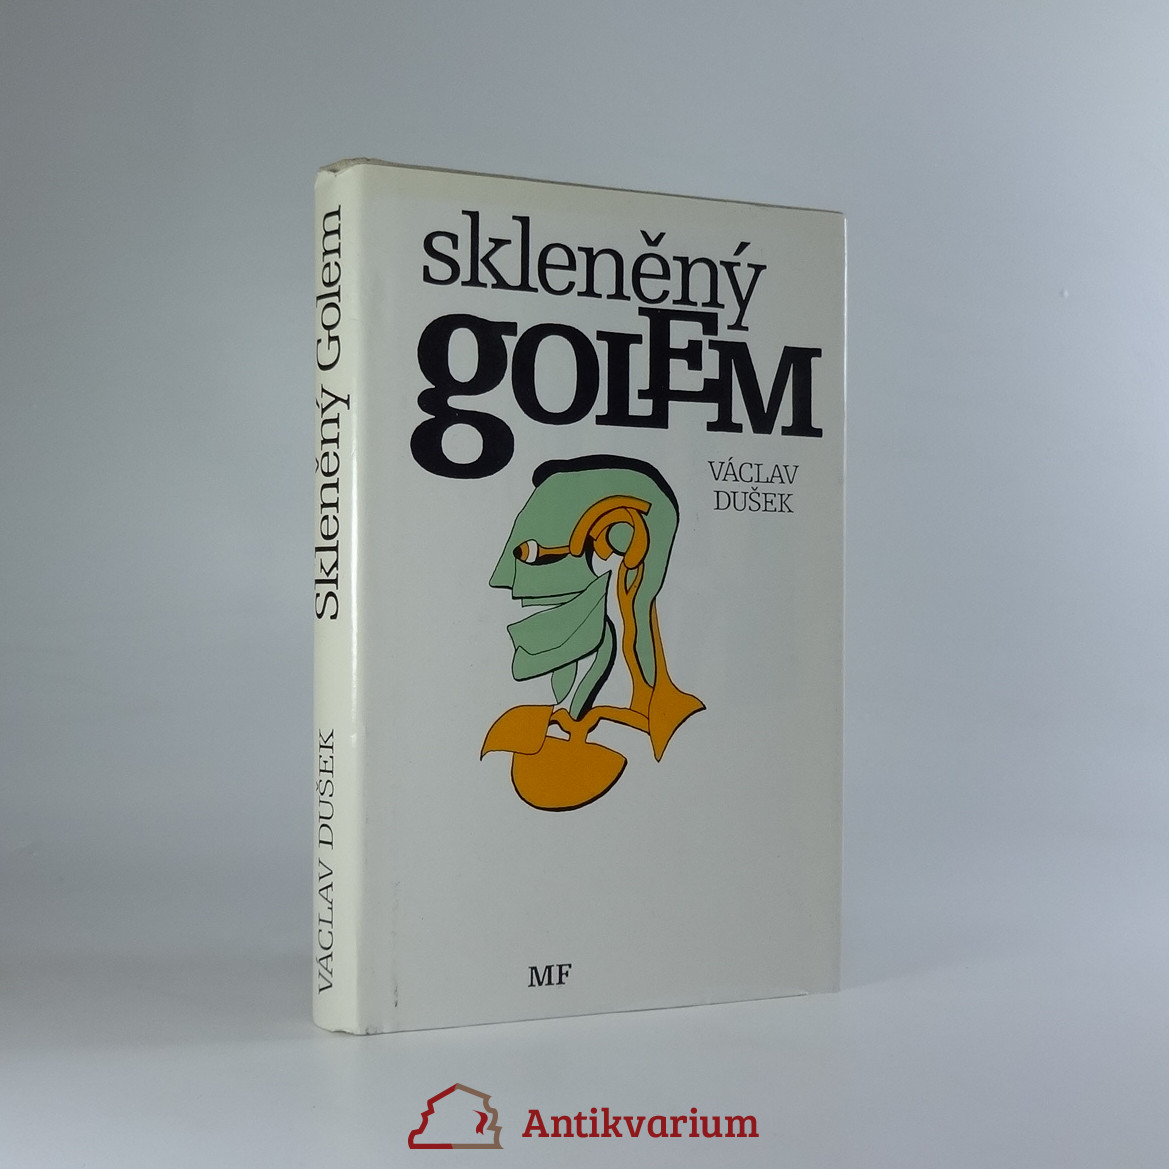 antikvární kniha Skleněný Golem, 1989